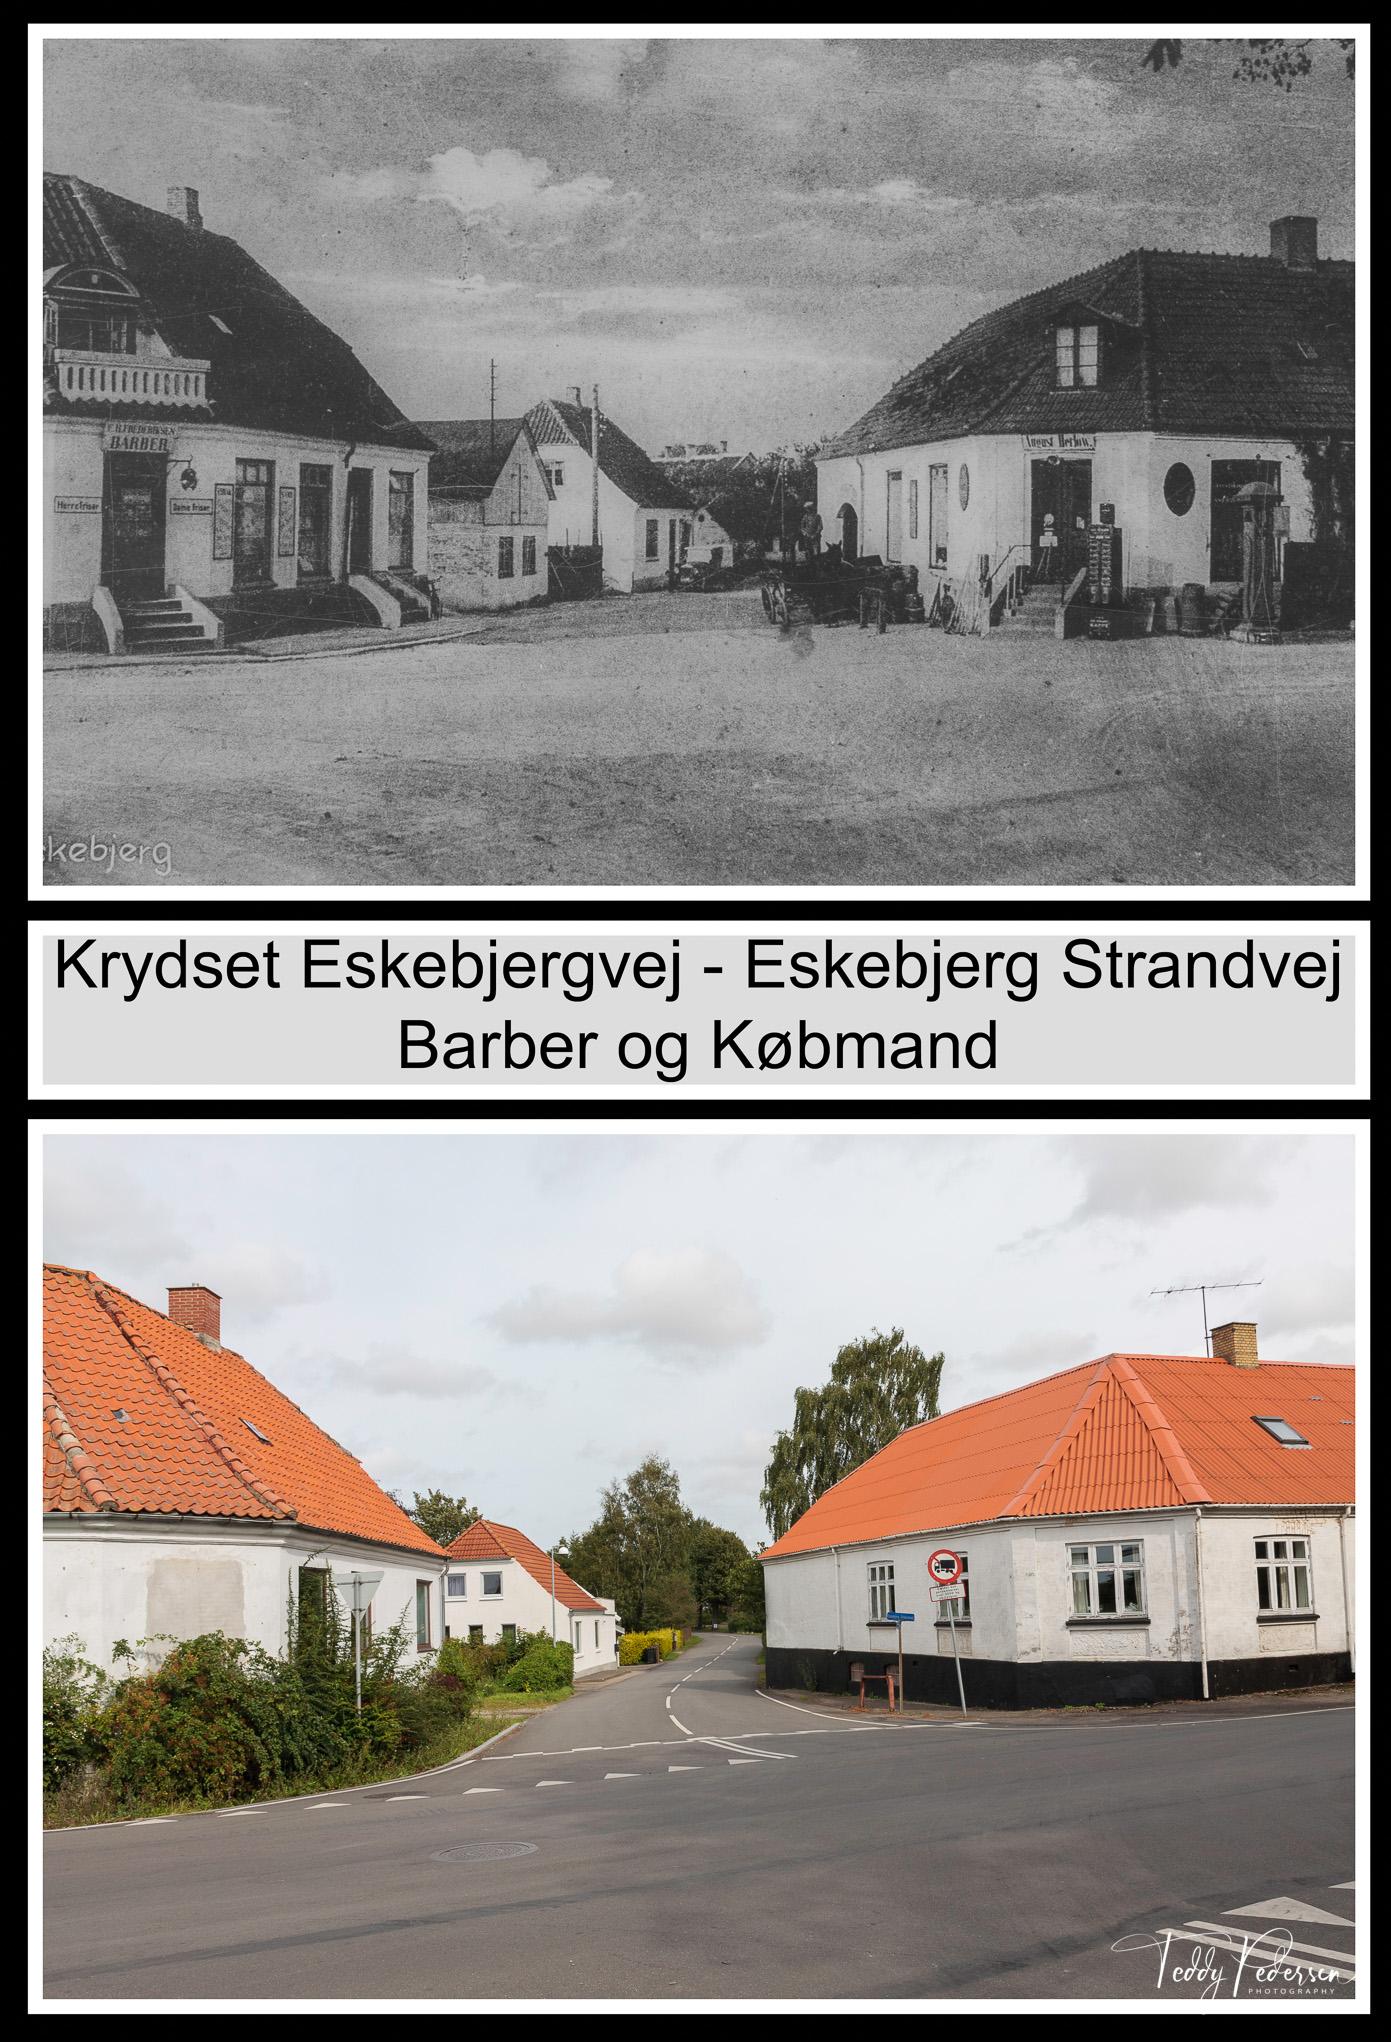 022-007-Eskebjerg-krydset_HighRes_LowRes